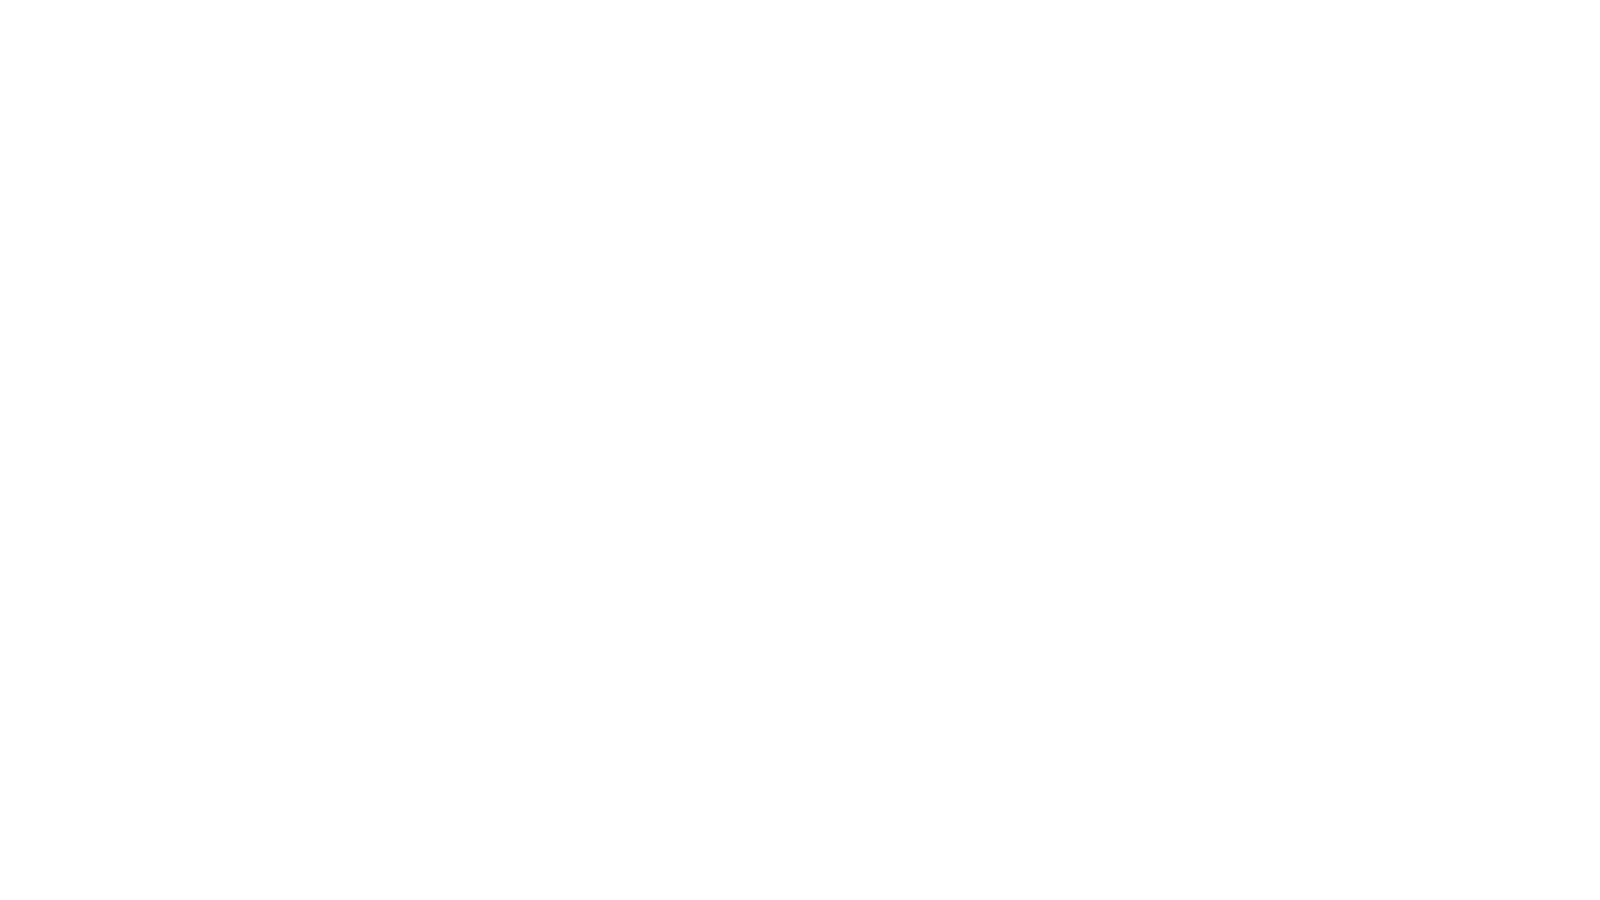 Aujourd'hui, manger local est une démarche qui s'inscrit dans le développement durable et dans la valorisation des territoires.  Lot Qual' répond parfaitement à cette consommation éco-responsable ! 🛒 Le concept : des paniers garnis avec des produits frais et locaux 🍽🍅🥕🥬🥩 Pour en savoir plus sur le projet 👇👇👇 https://finistere2point9.fr/lot-qual-consommer-des-produits-frais-et-locaux/ #mangersain #consommerlocal #produitslocaux #produitsfrais #paniersgarnis #entrepreneur #entreprendreautrement #finistere #finisteresud